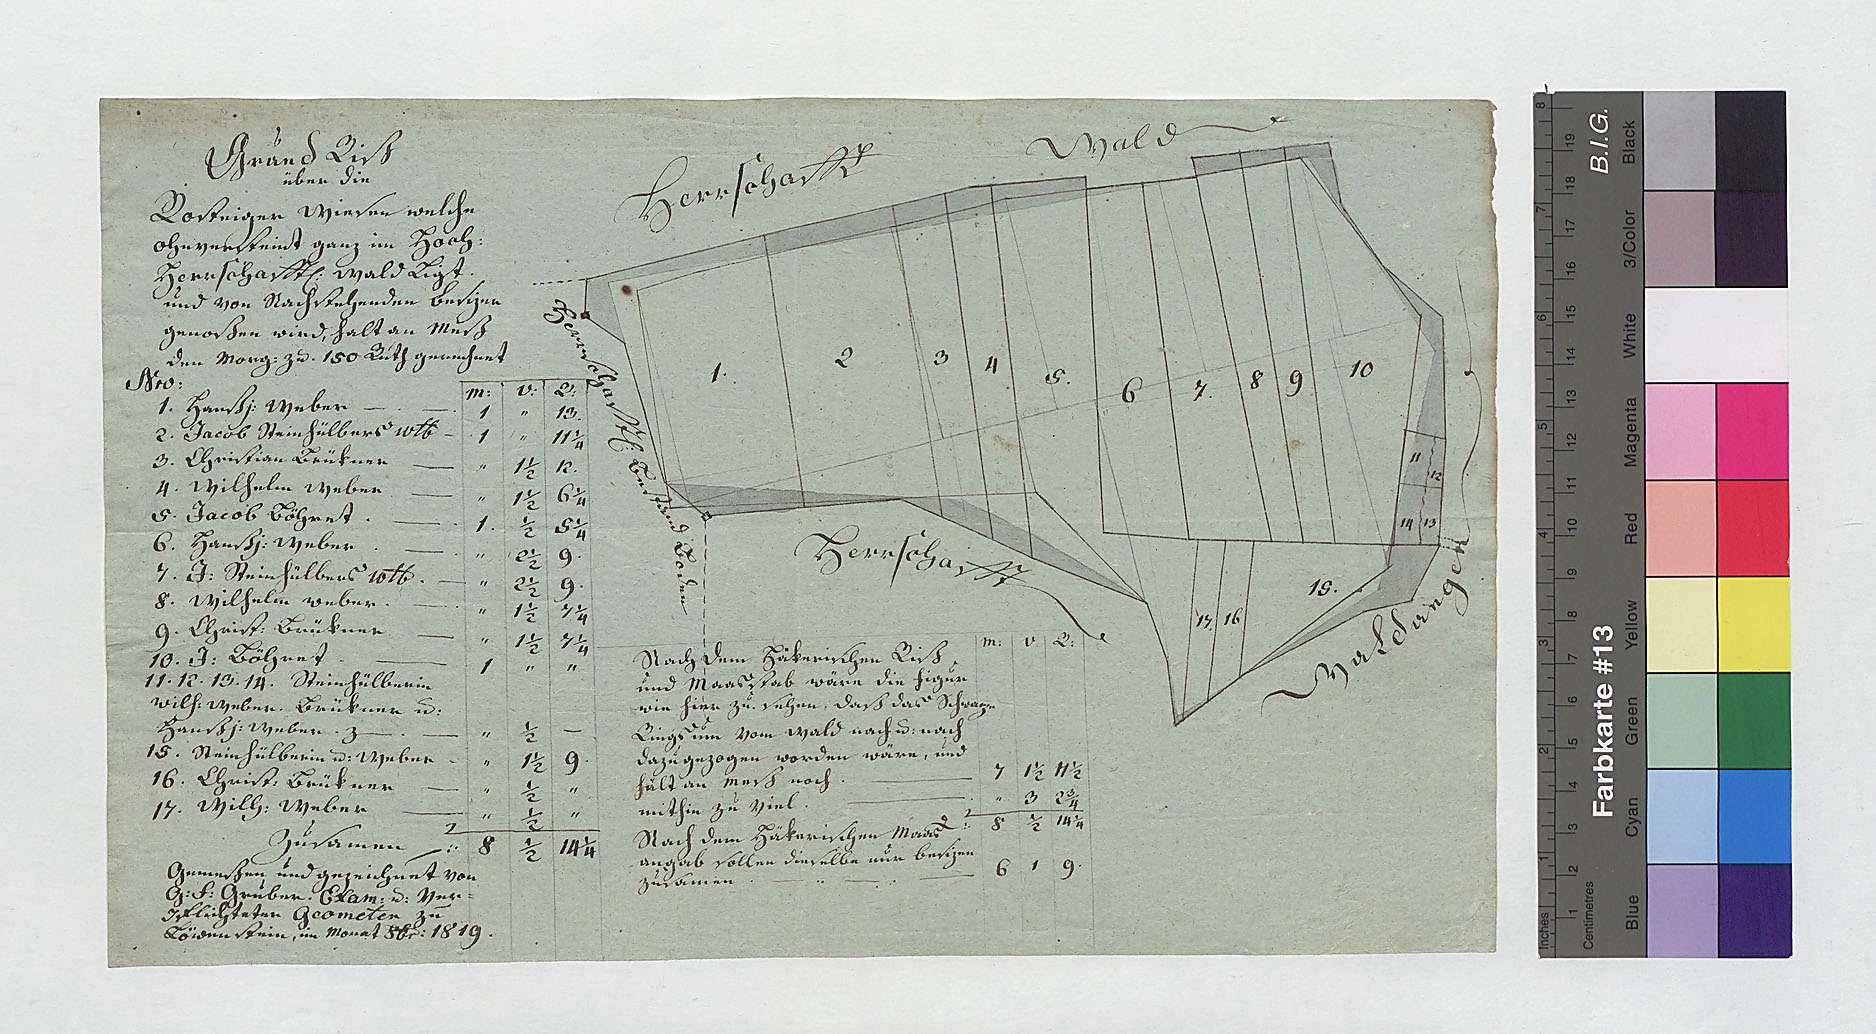 Lage und Nutzung der Roßstaiger Wiesen bei Spiegelberg, Bild 1